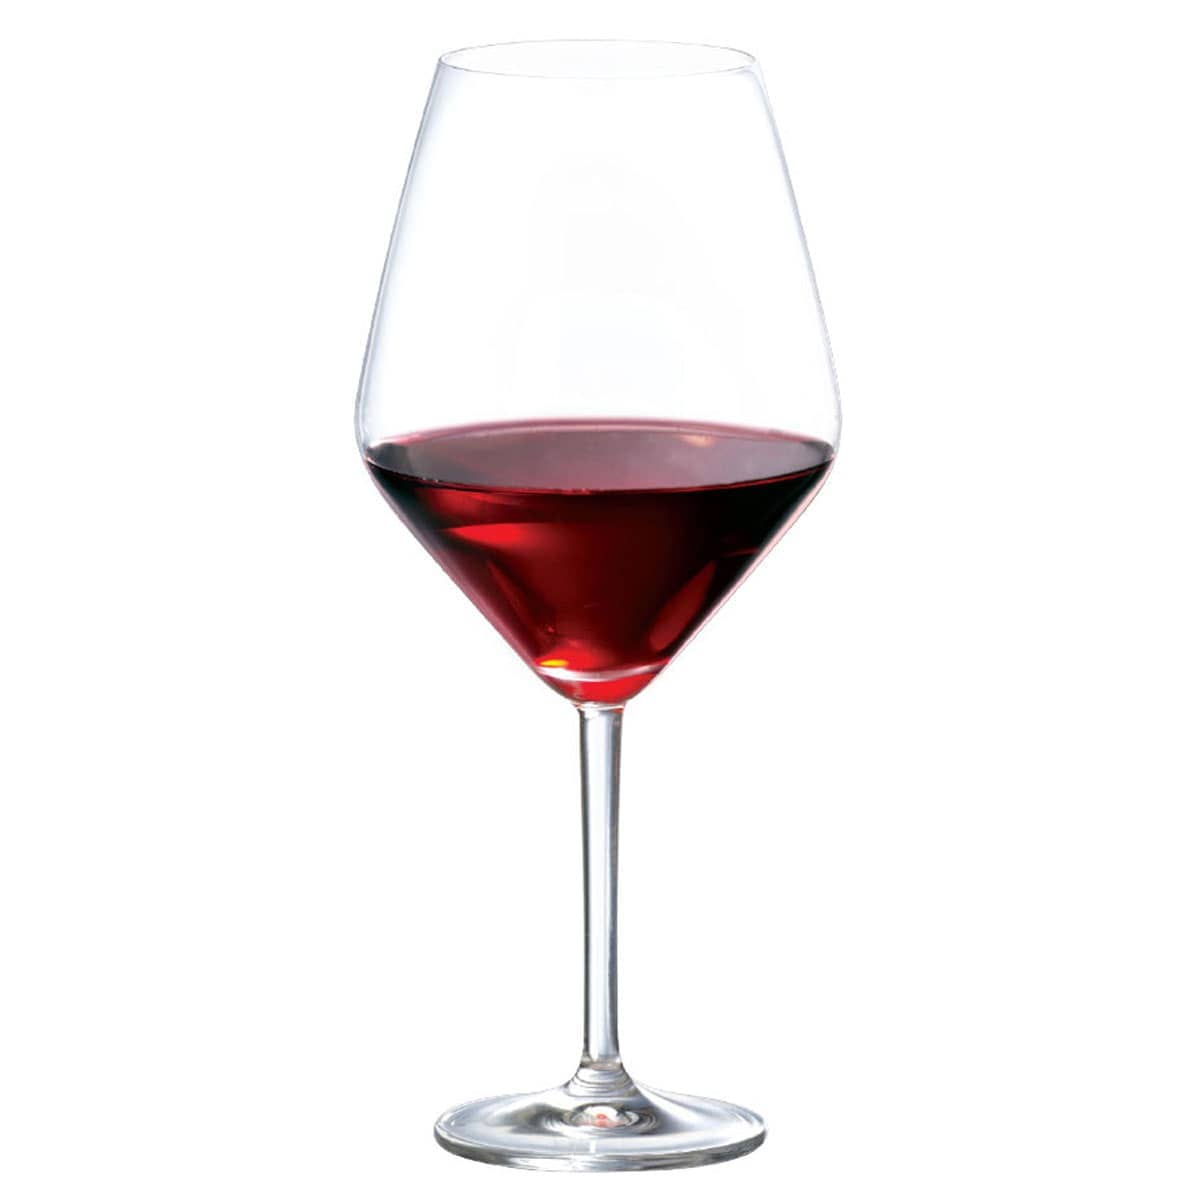 Taça de Vidro Elegance Vinho Tinto 775ml (Caixa com 12 unidades)